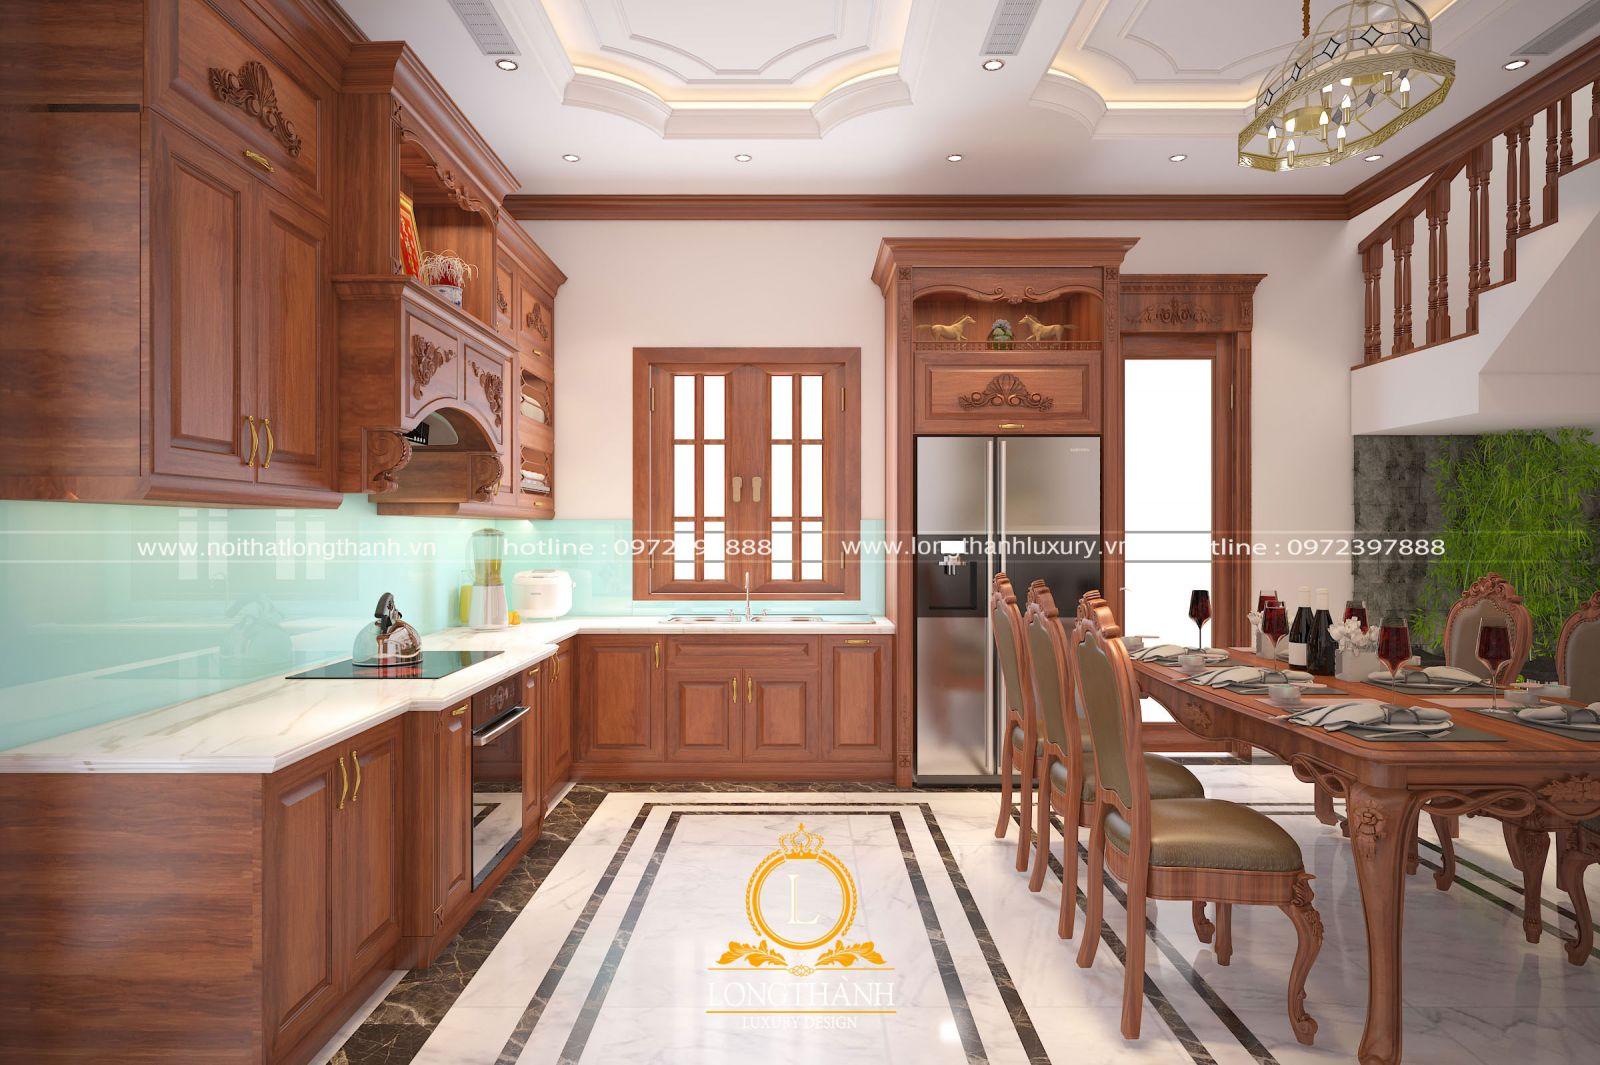 Mẫu tủ bếp phòng cách tân cổ điển thiết kế đơn giản tiện lợi cho nhà bếp